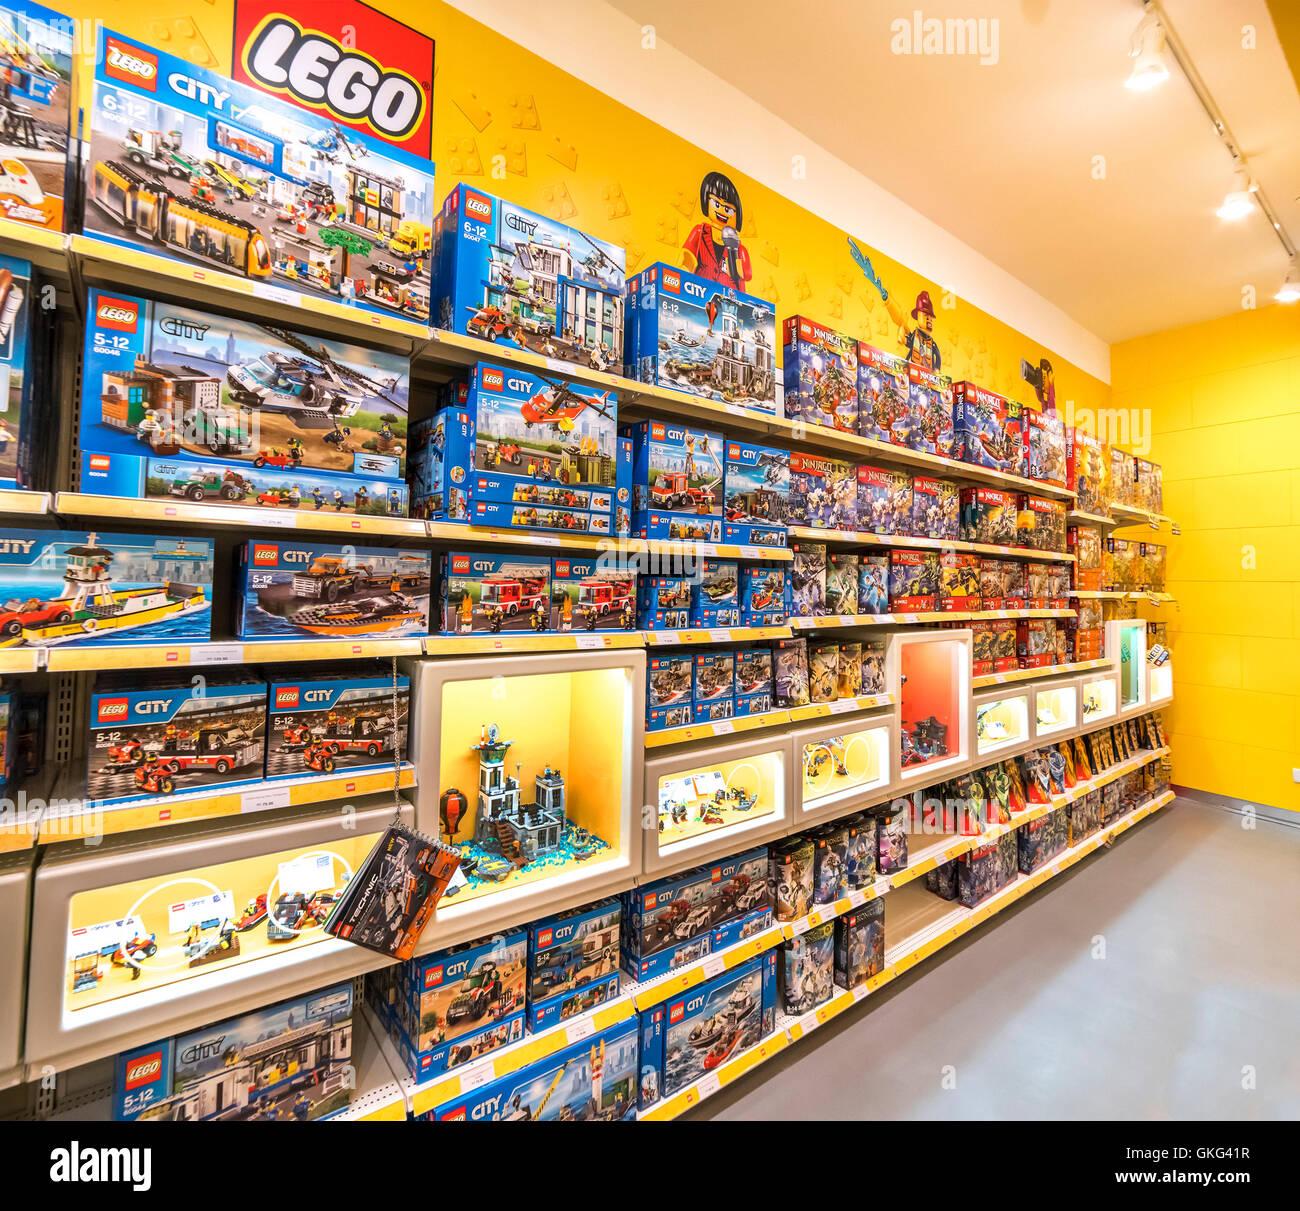 Shopping Kuala Lumpur Malaysia: MAY 30, 2016: LEGO Shop At The